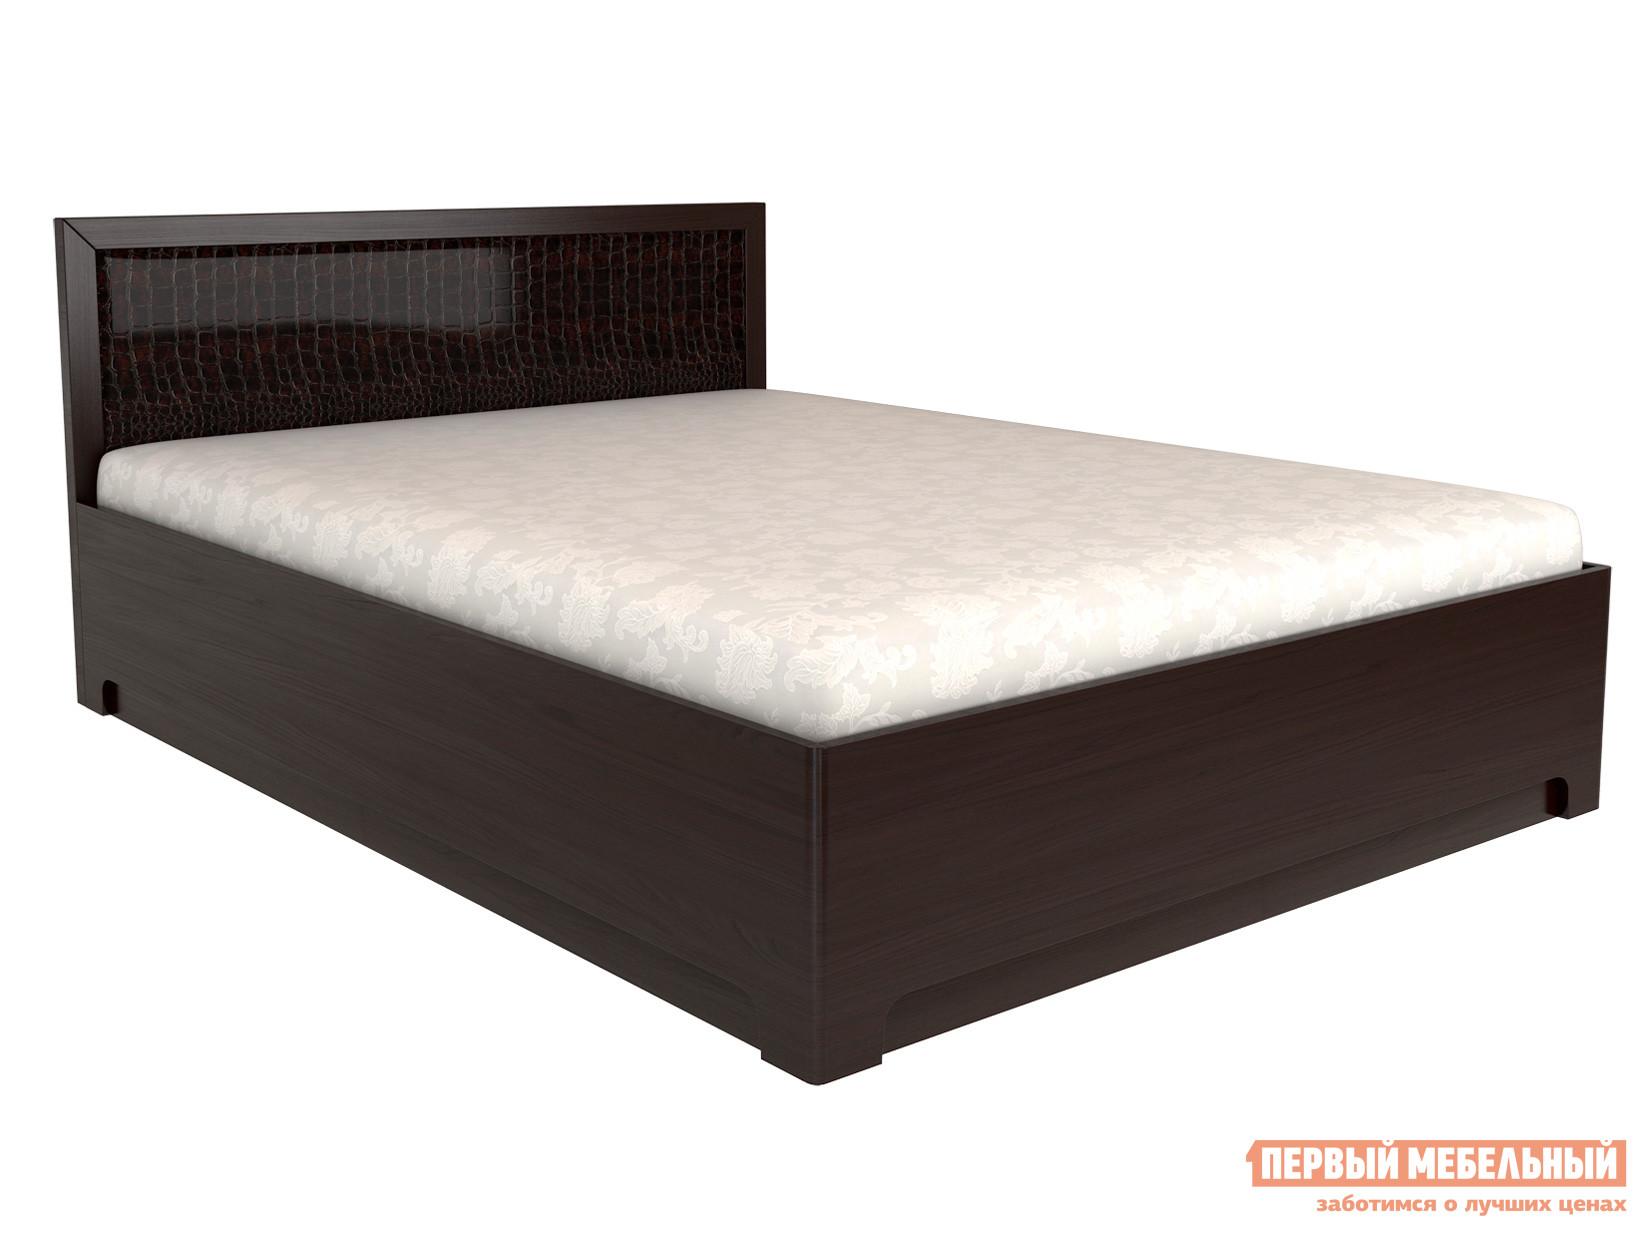 Двуспальная кровать  Парма 1 ПМ Венге / Кожа caiman, 160х200 см